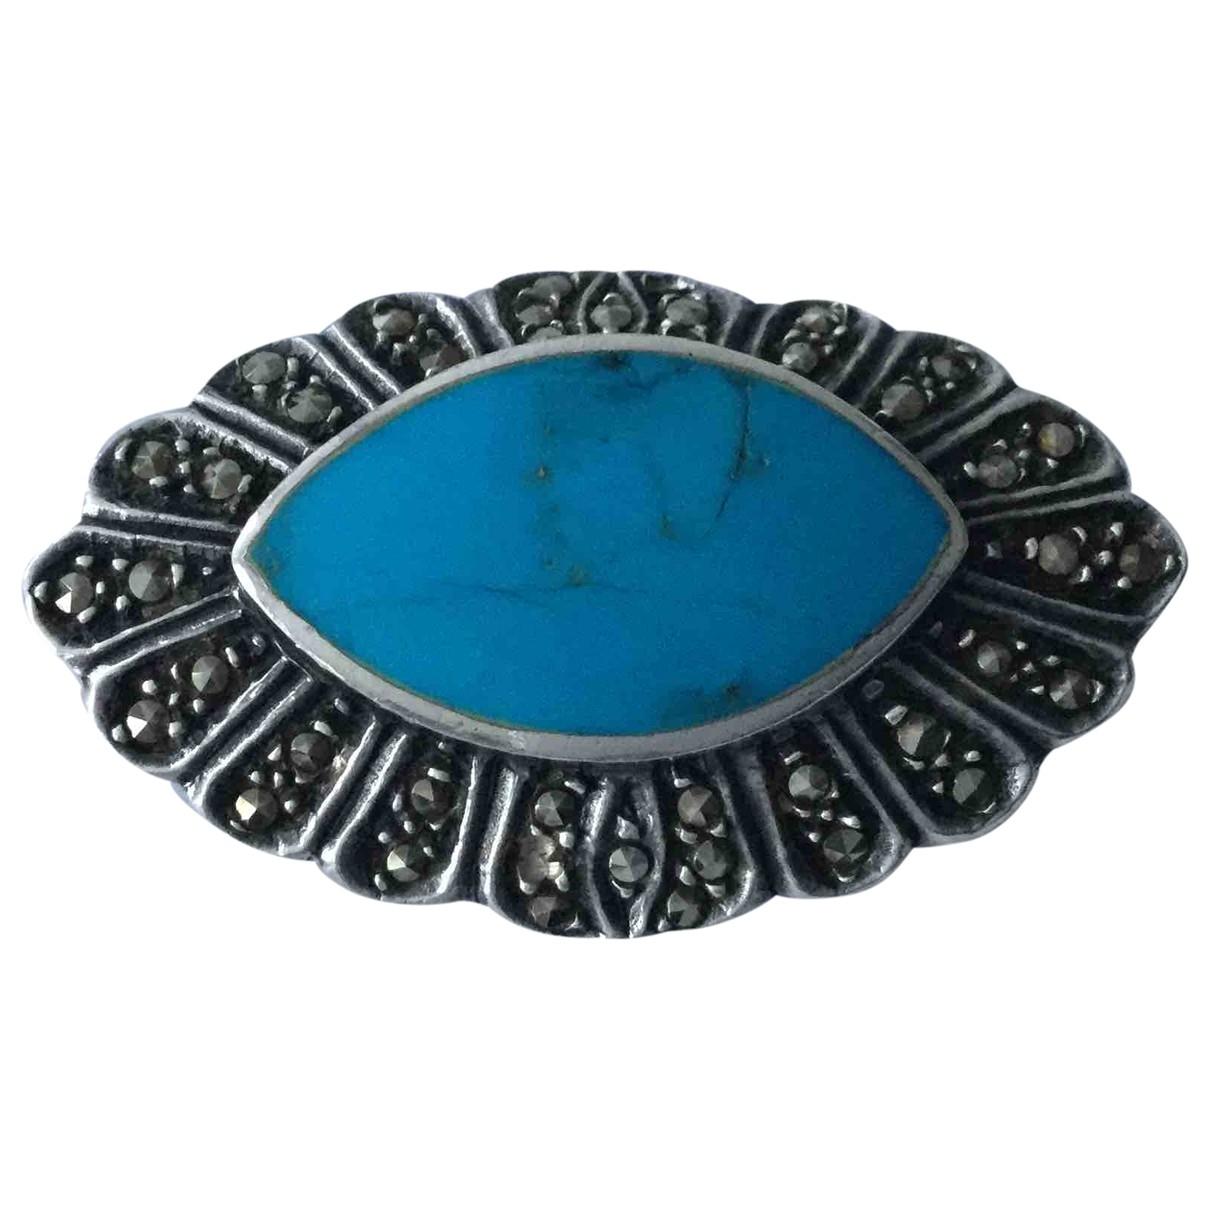 Broche Turquoises de Plata Non Signe / Unsigned